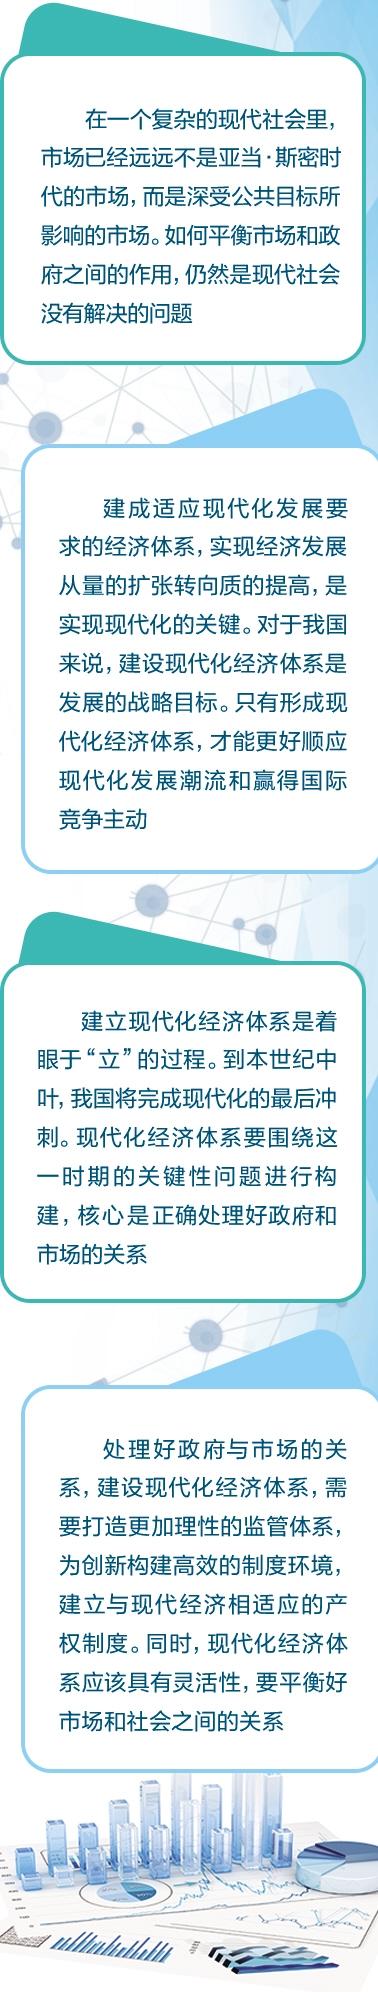 姚洋:准确把握现代化经济体系的内涵